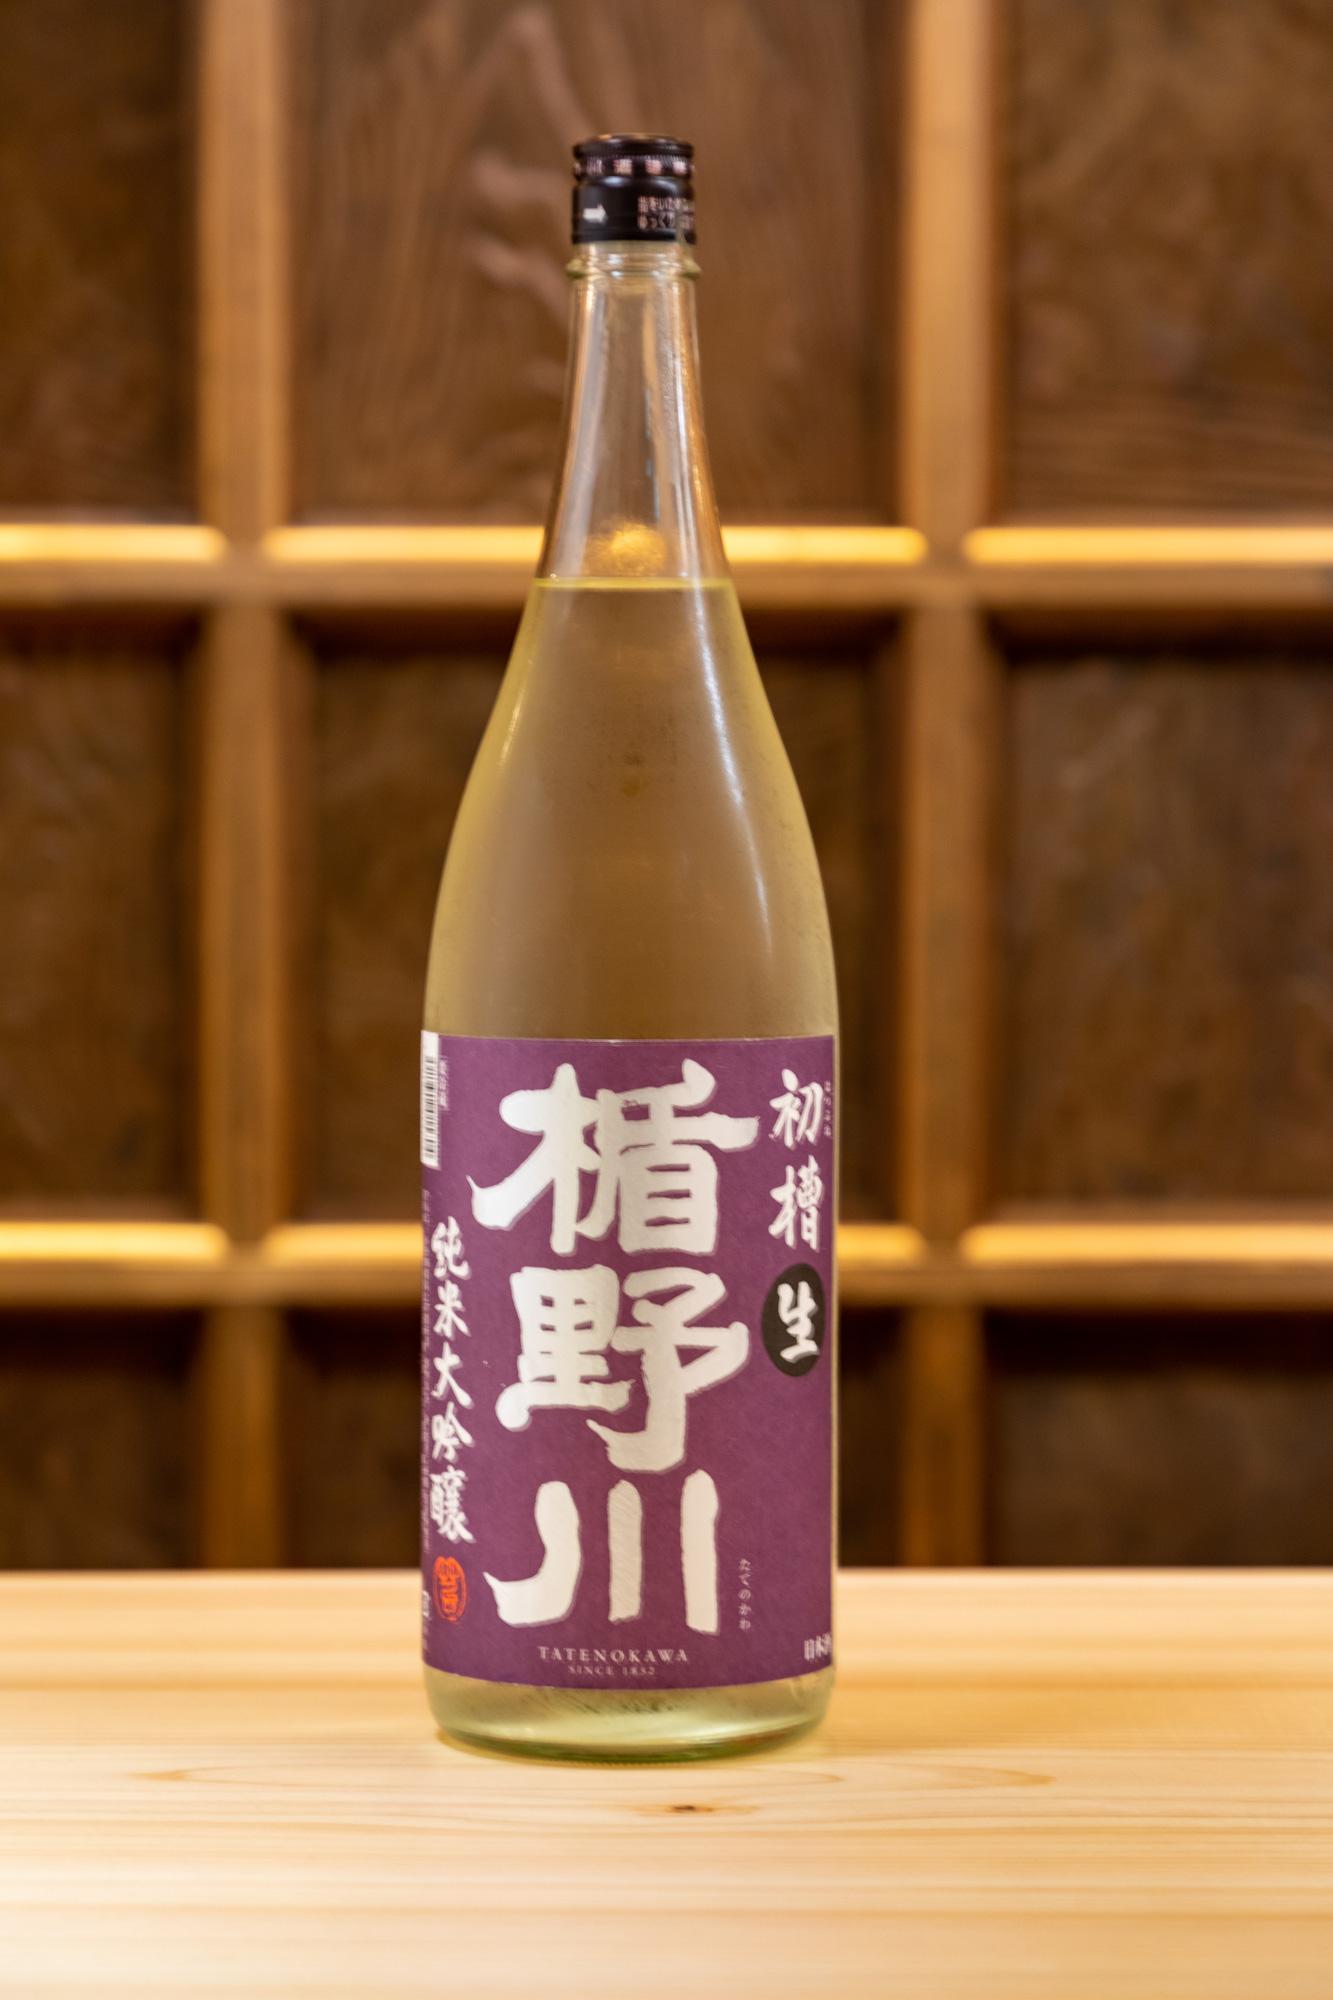 tatenokawahune